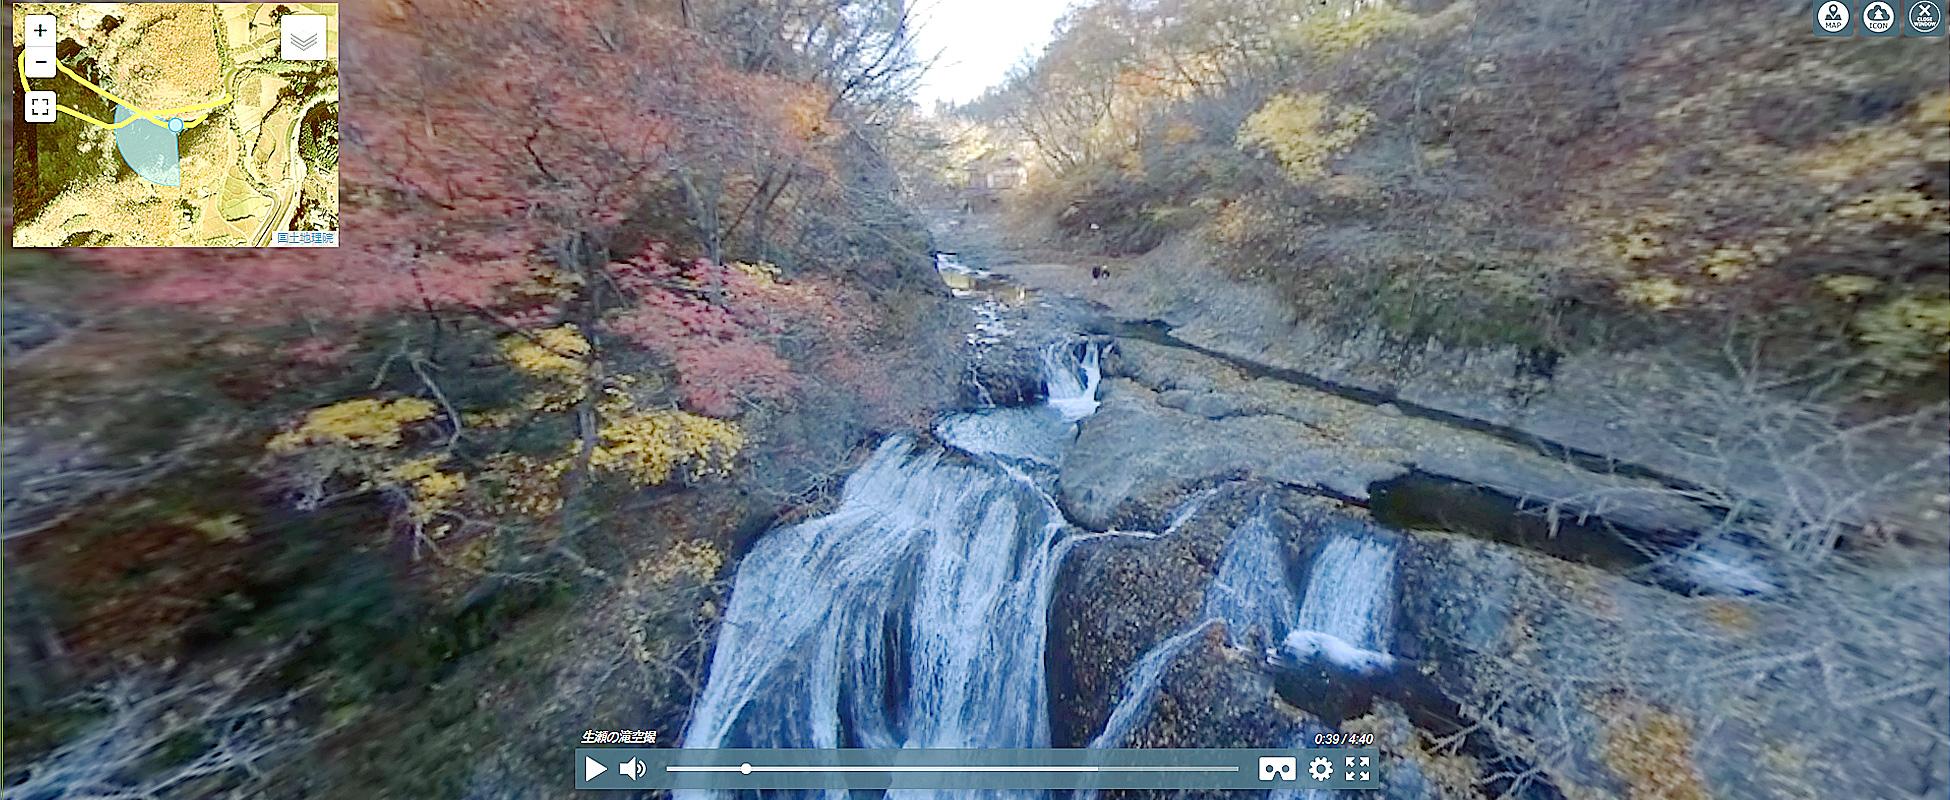 地図・経路誘導の観光360VR動画システム